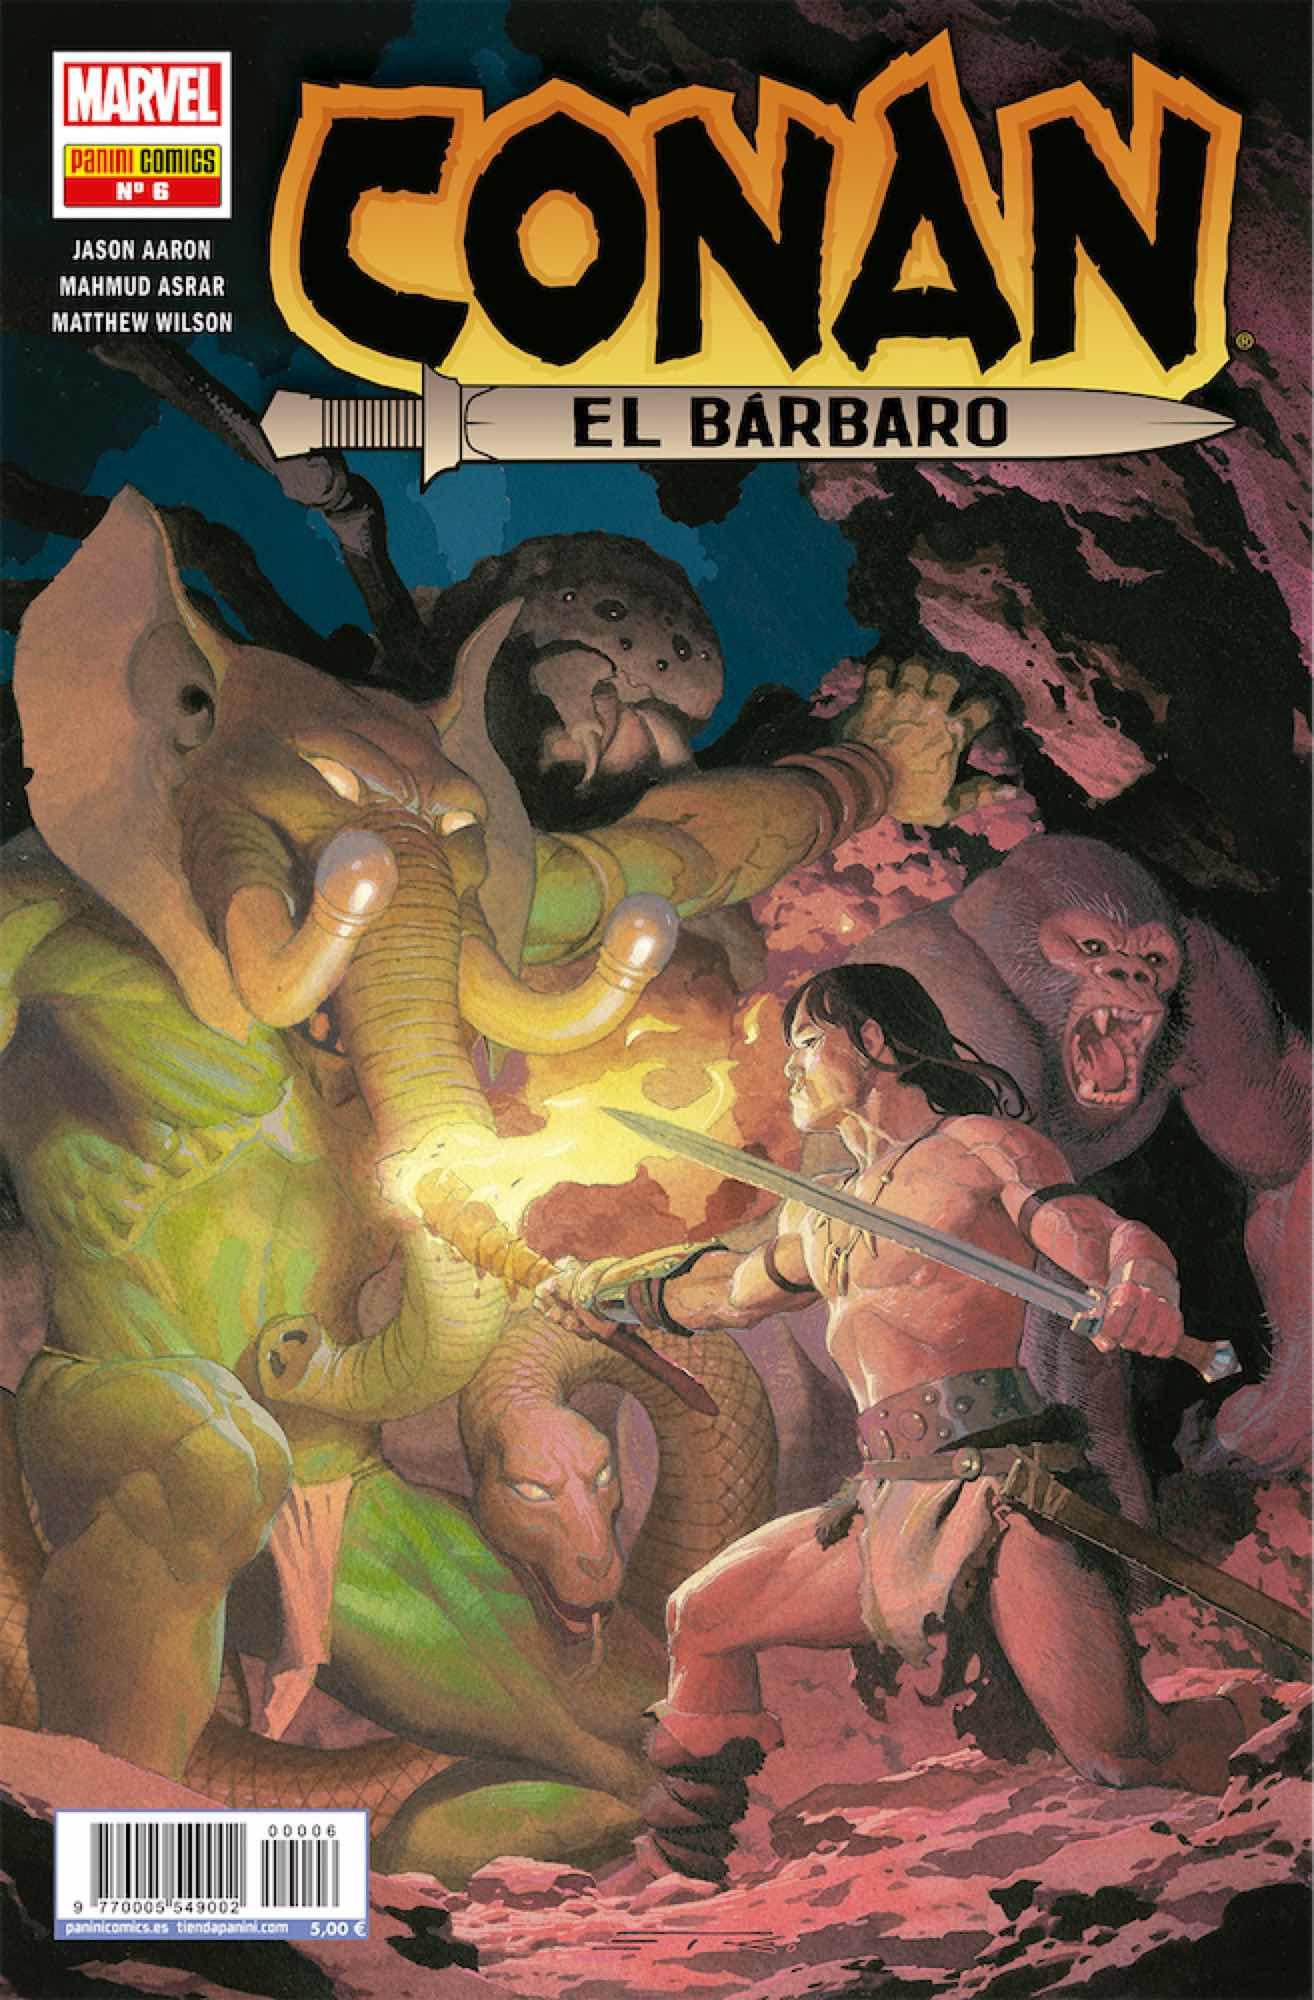 CONAN EL BARBARO 06